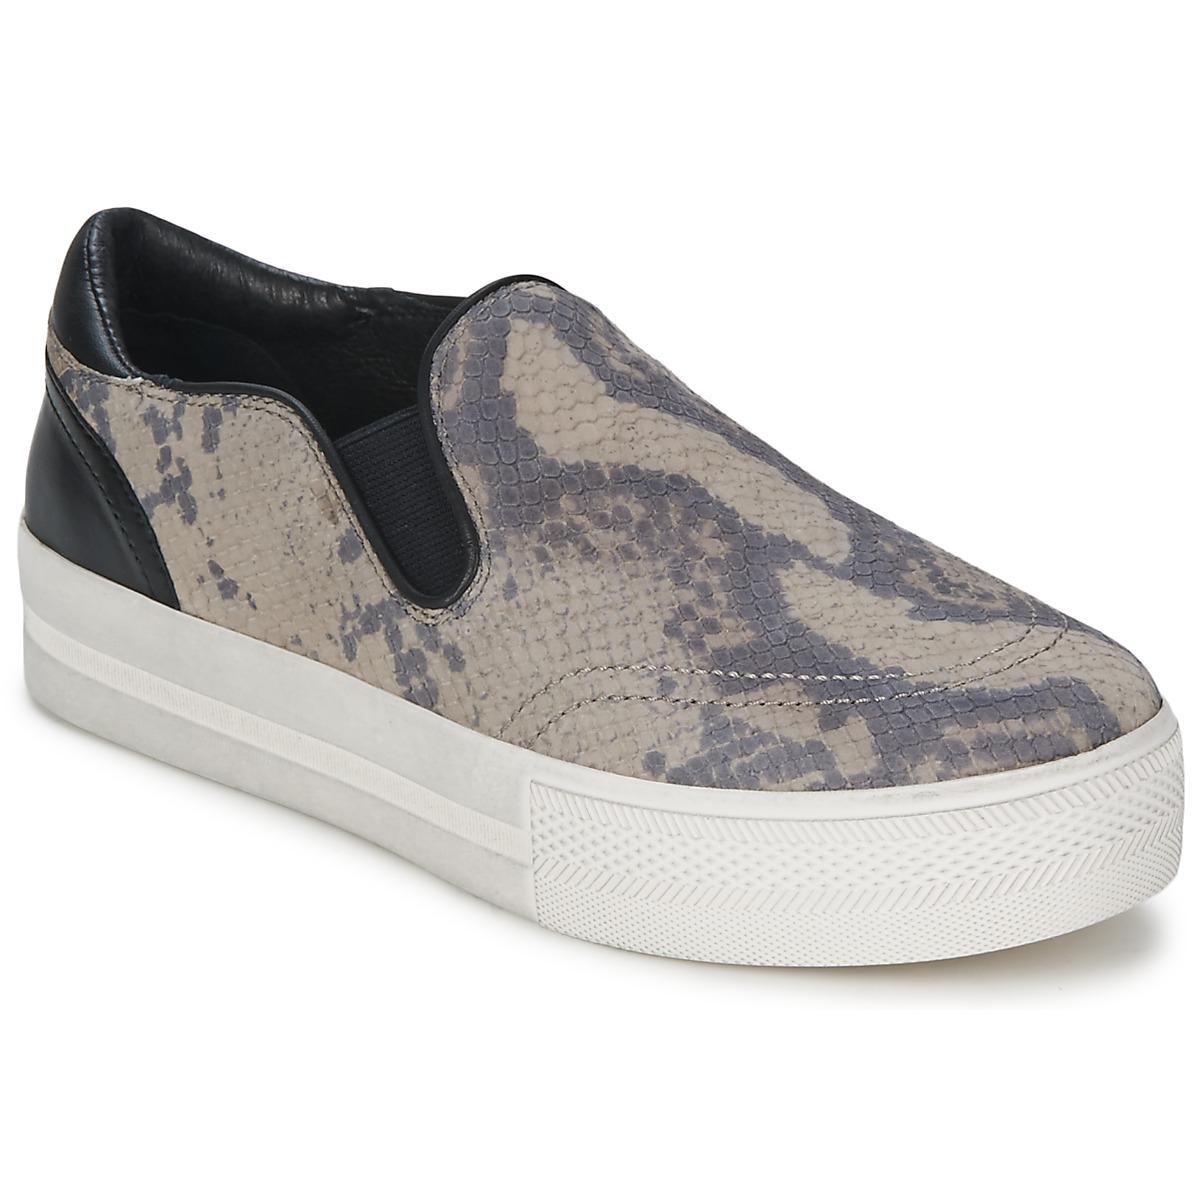 Slips on Ash JUNGLE imprimé python - achat de chaussures en ligne, boutique chaussure pas cher sur Shoes.fr ! - Chaussures Femme 135,00 €